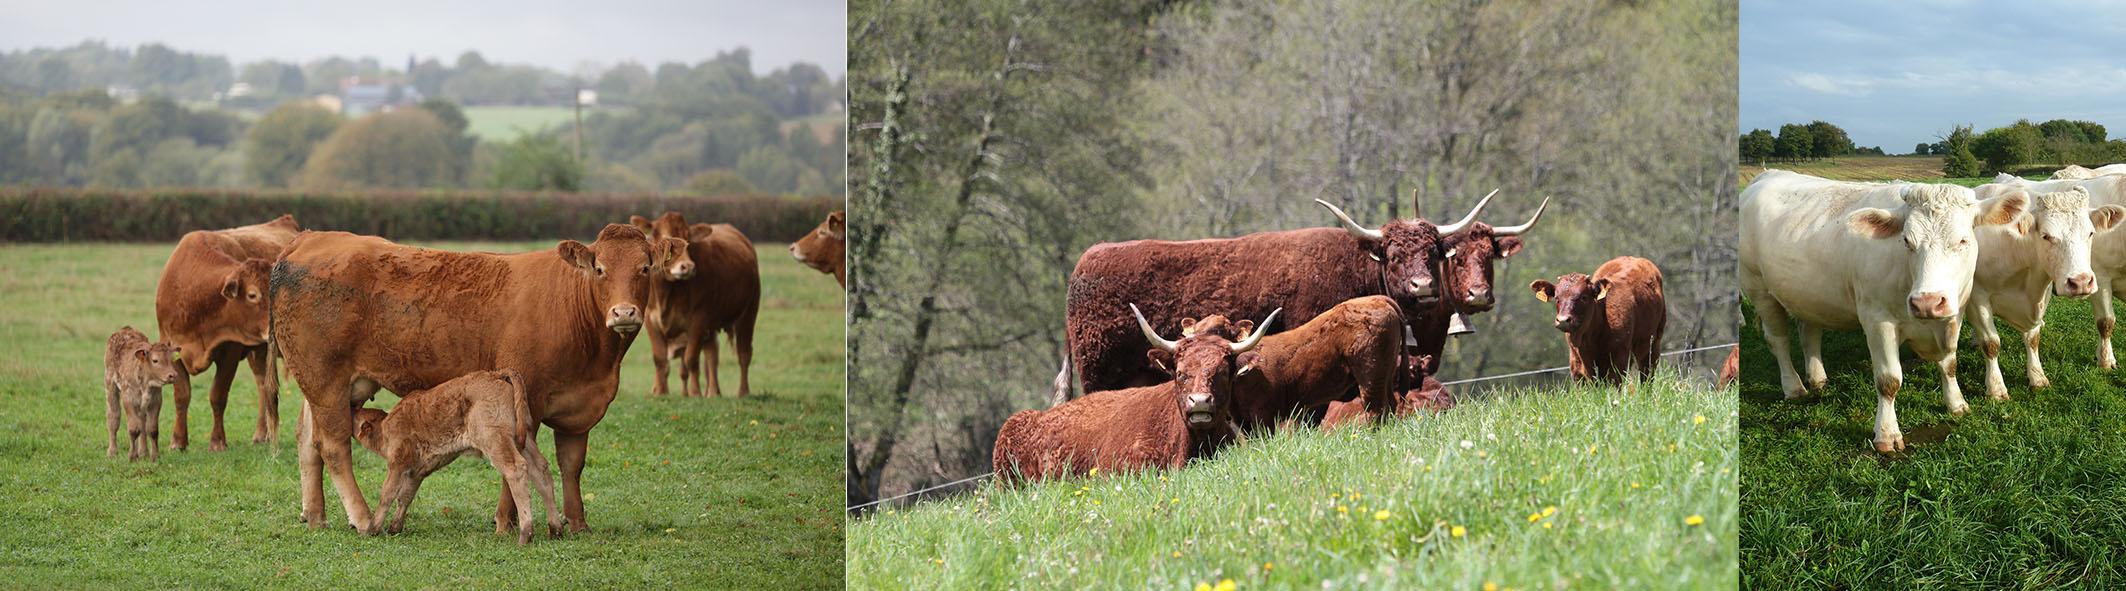 Vaches races Salers, Limousine et Charolaise